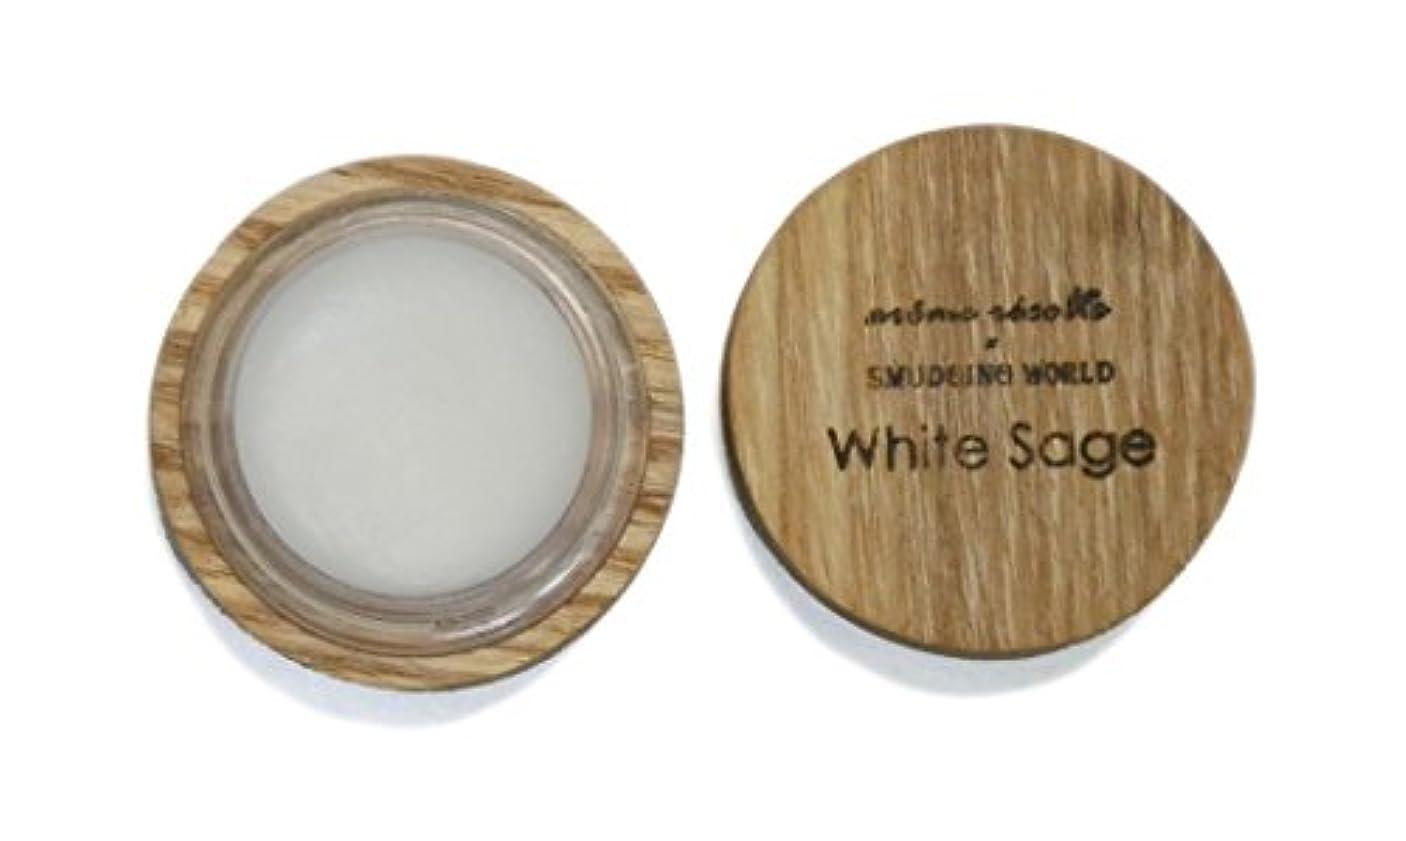 経験クリーム新しさアロマレコルト ソリッドパフューム ホワイトセージ 【White Sage】オーガニック エッセンシャルオイル organic essential oil solid parfum arome recolte